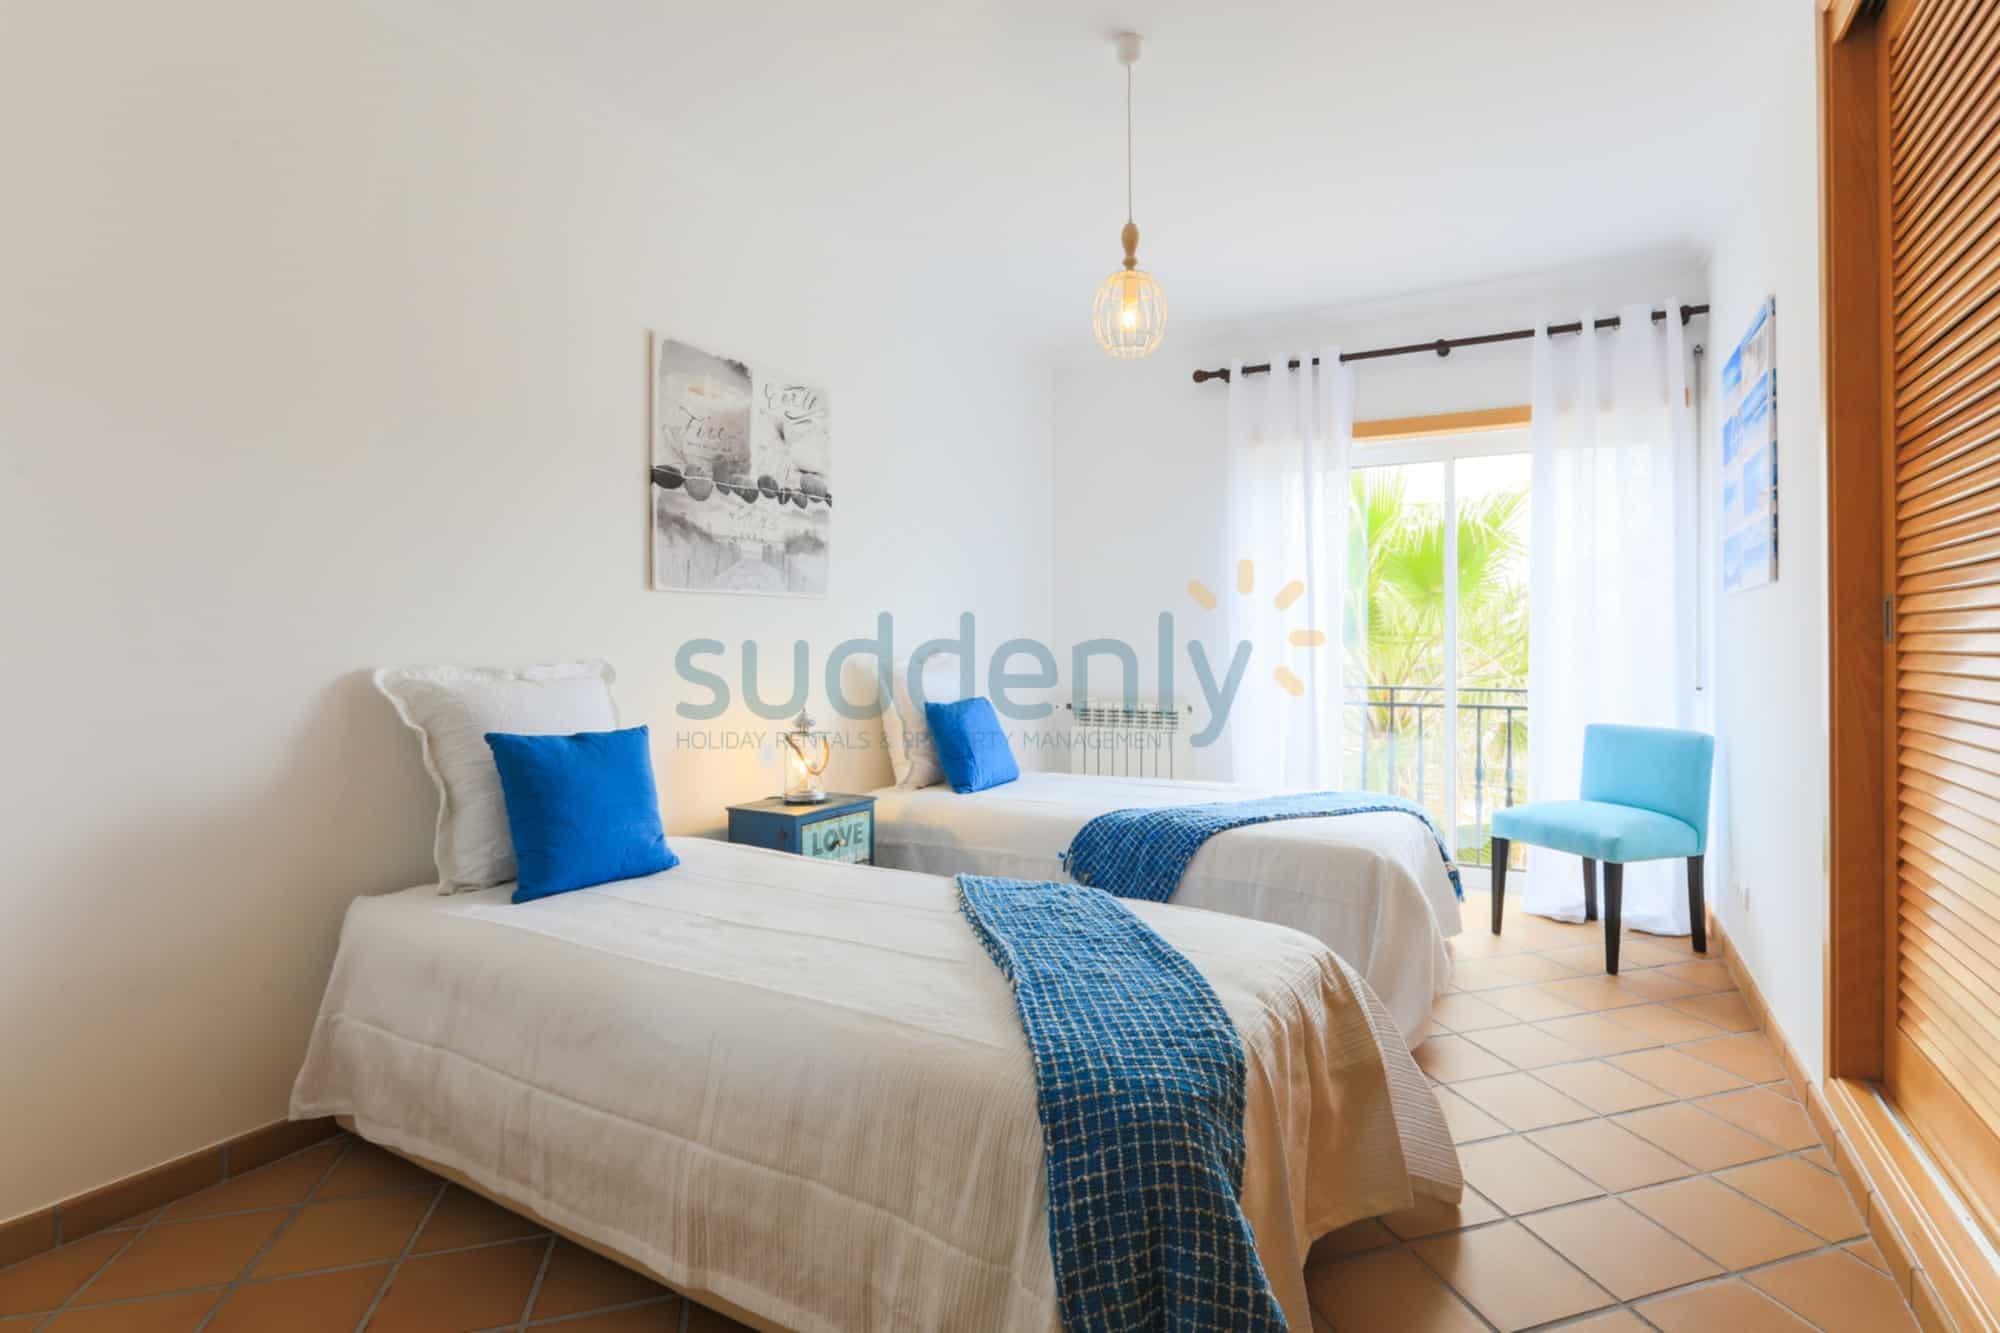 Holiday Rentals in Praia D'El Rey 303